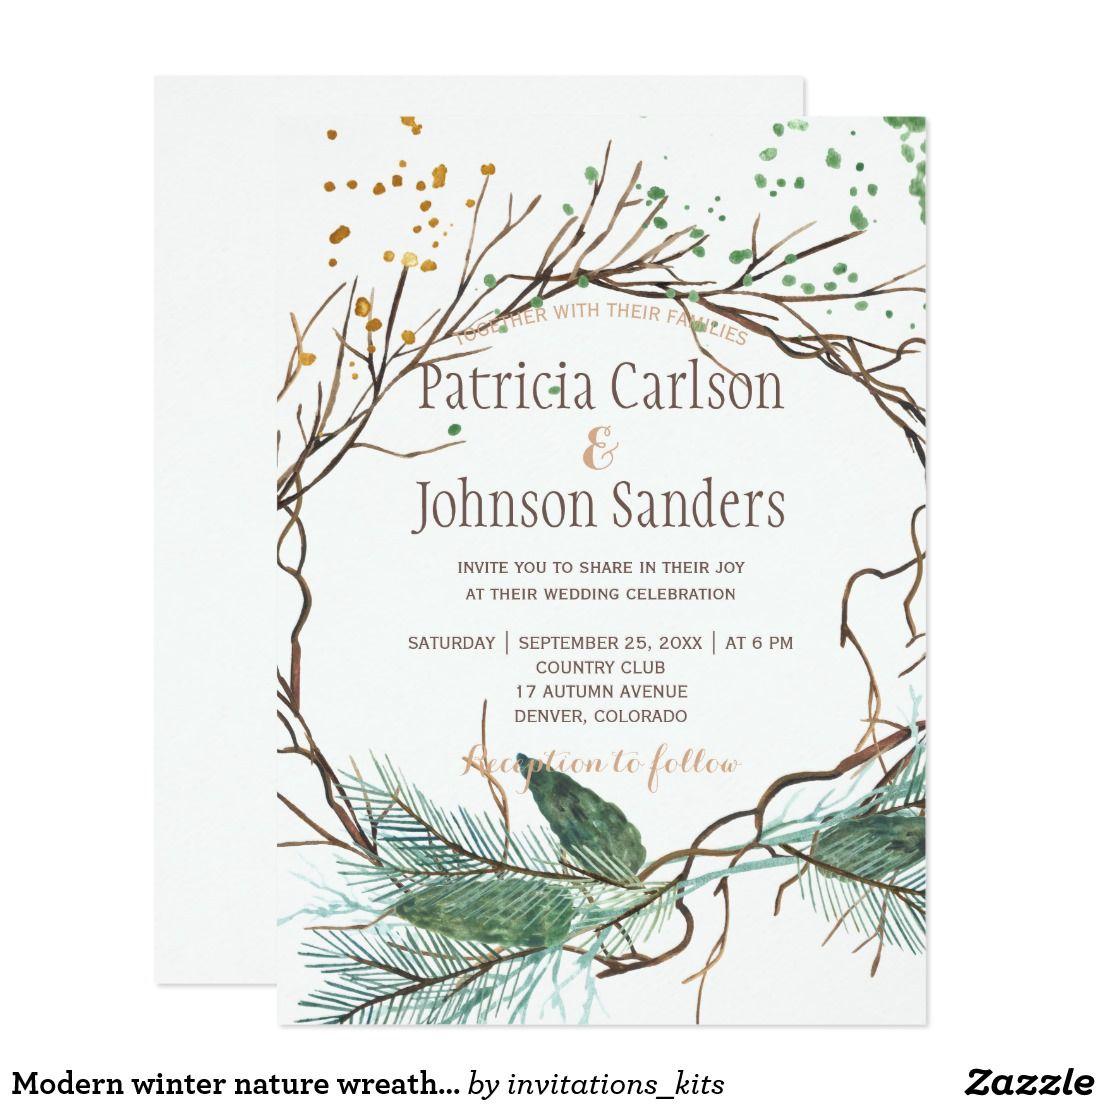 Modern winter nature wreath watercolor wedding invitation  Zazzle